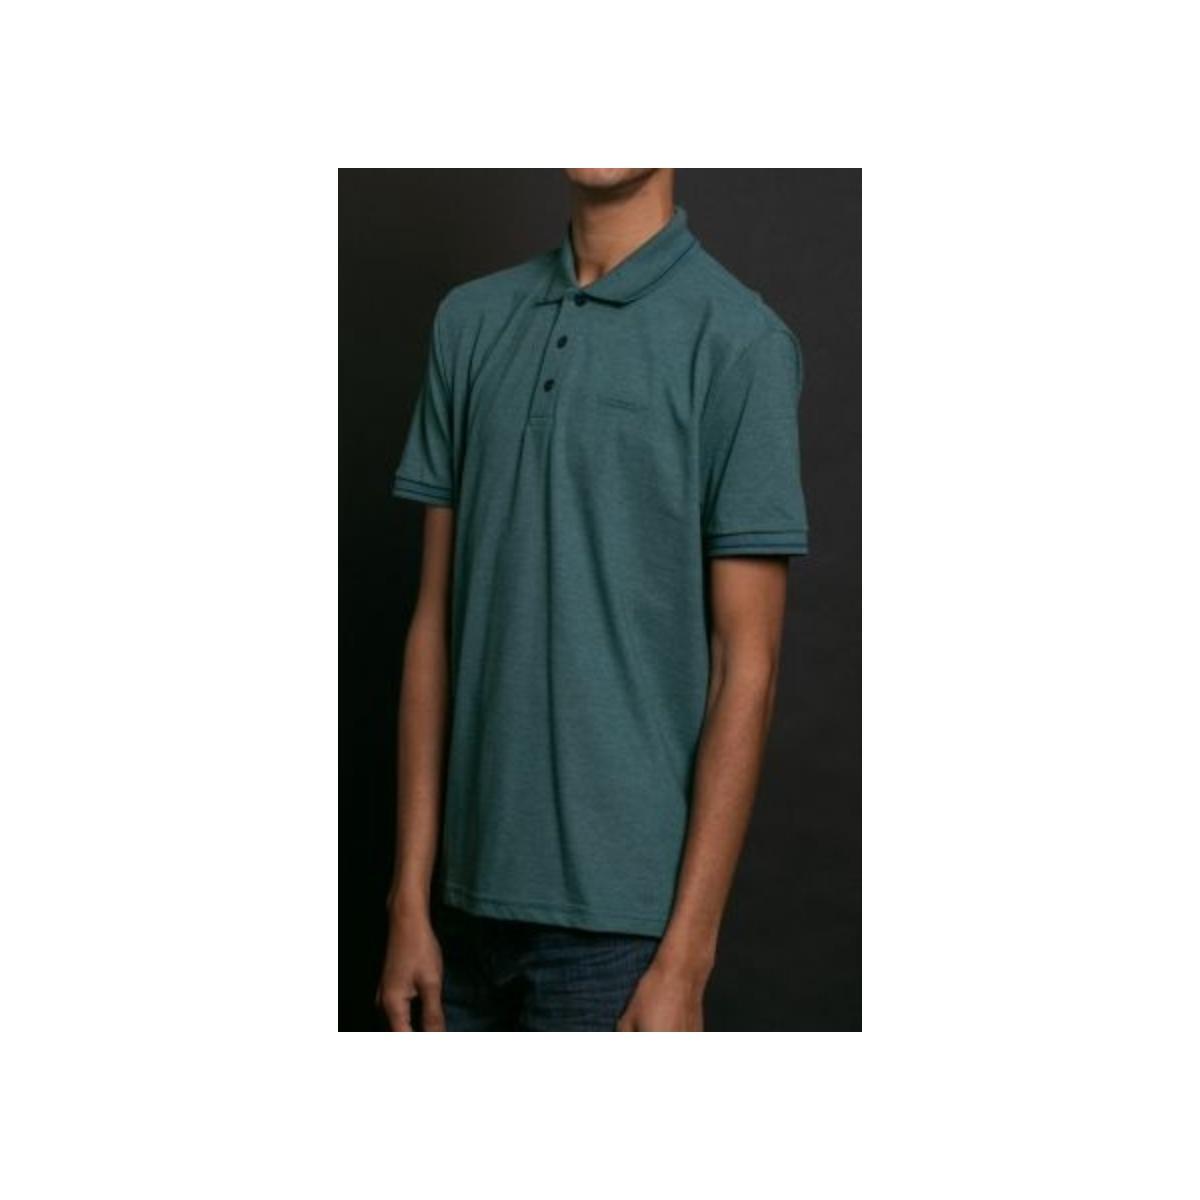 Camiseta Masculina Ellus 53b7807 34 Verde